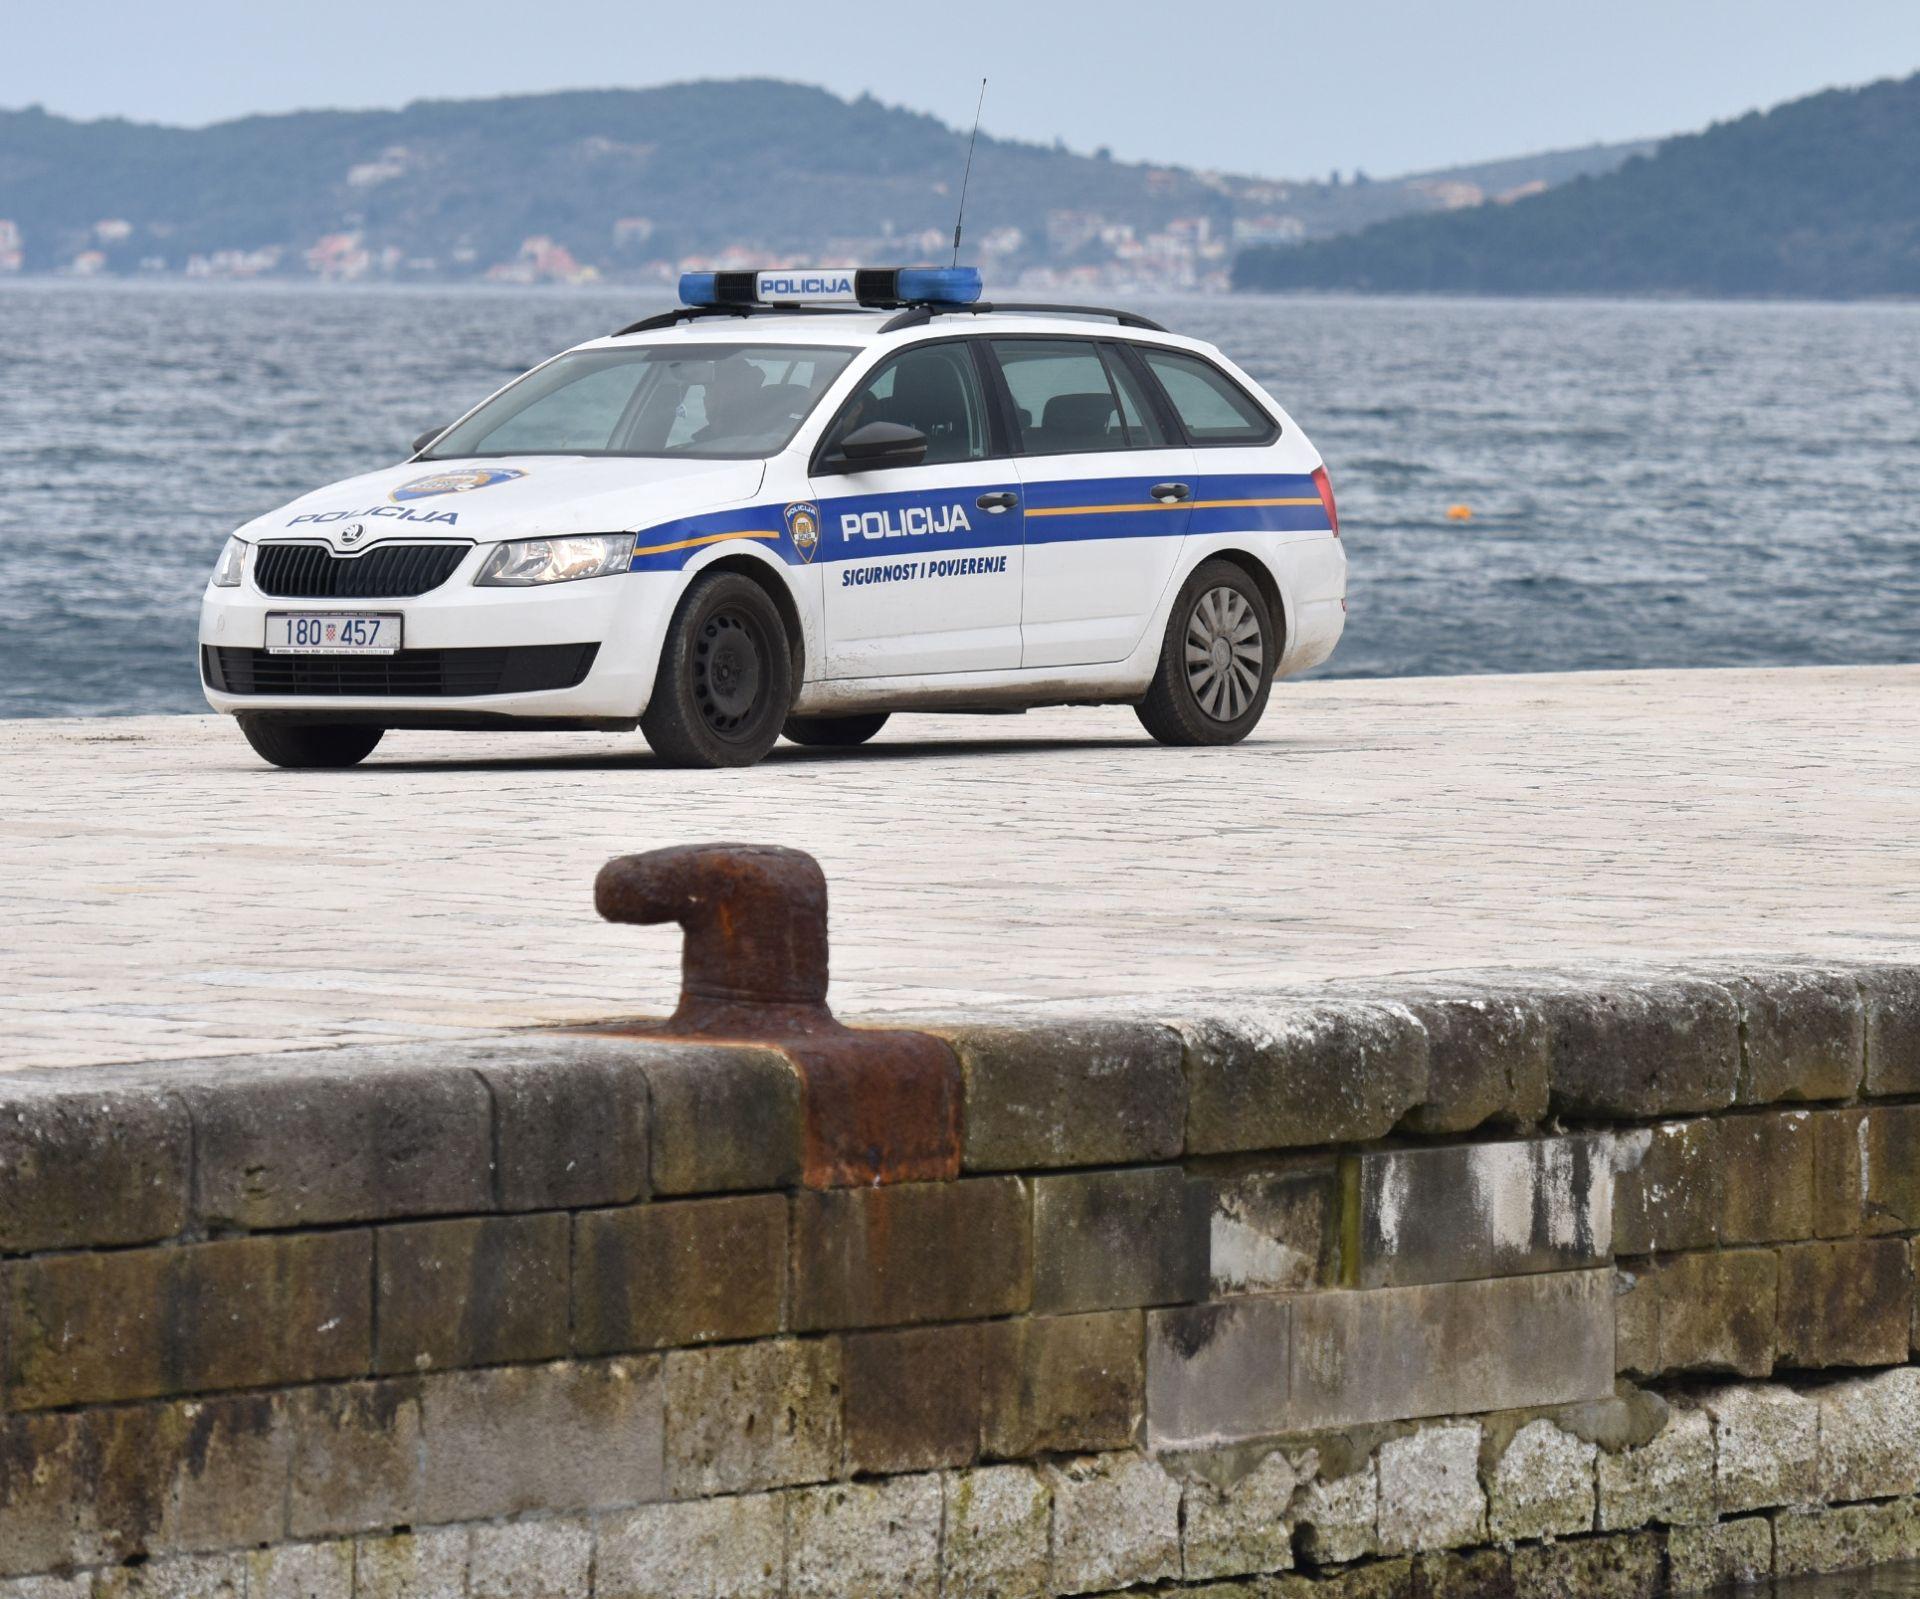 IDENTITET ZASAD NEPOZNAT: Automobilom sletio u more u riječkoj luci